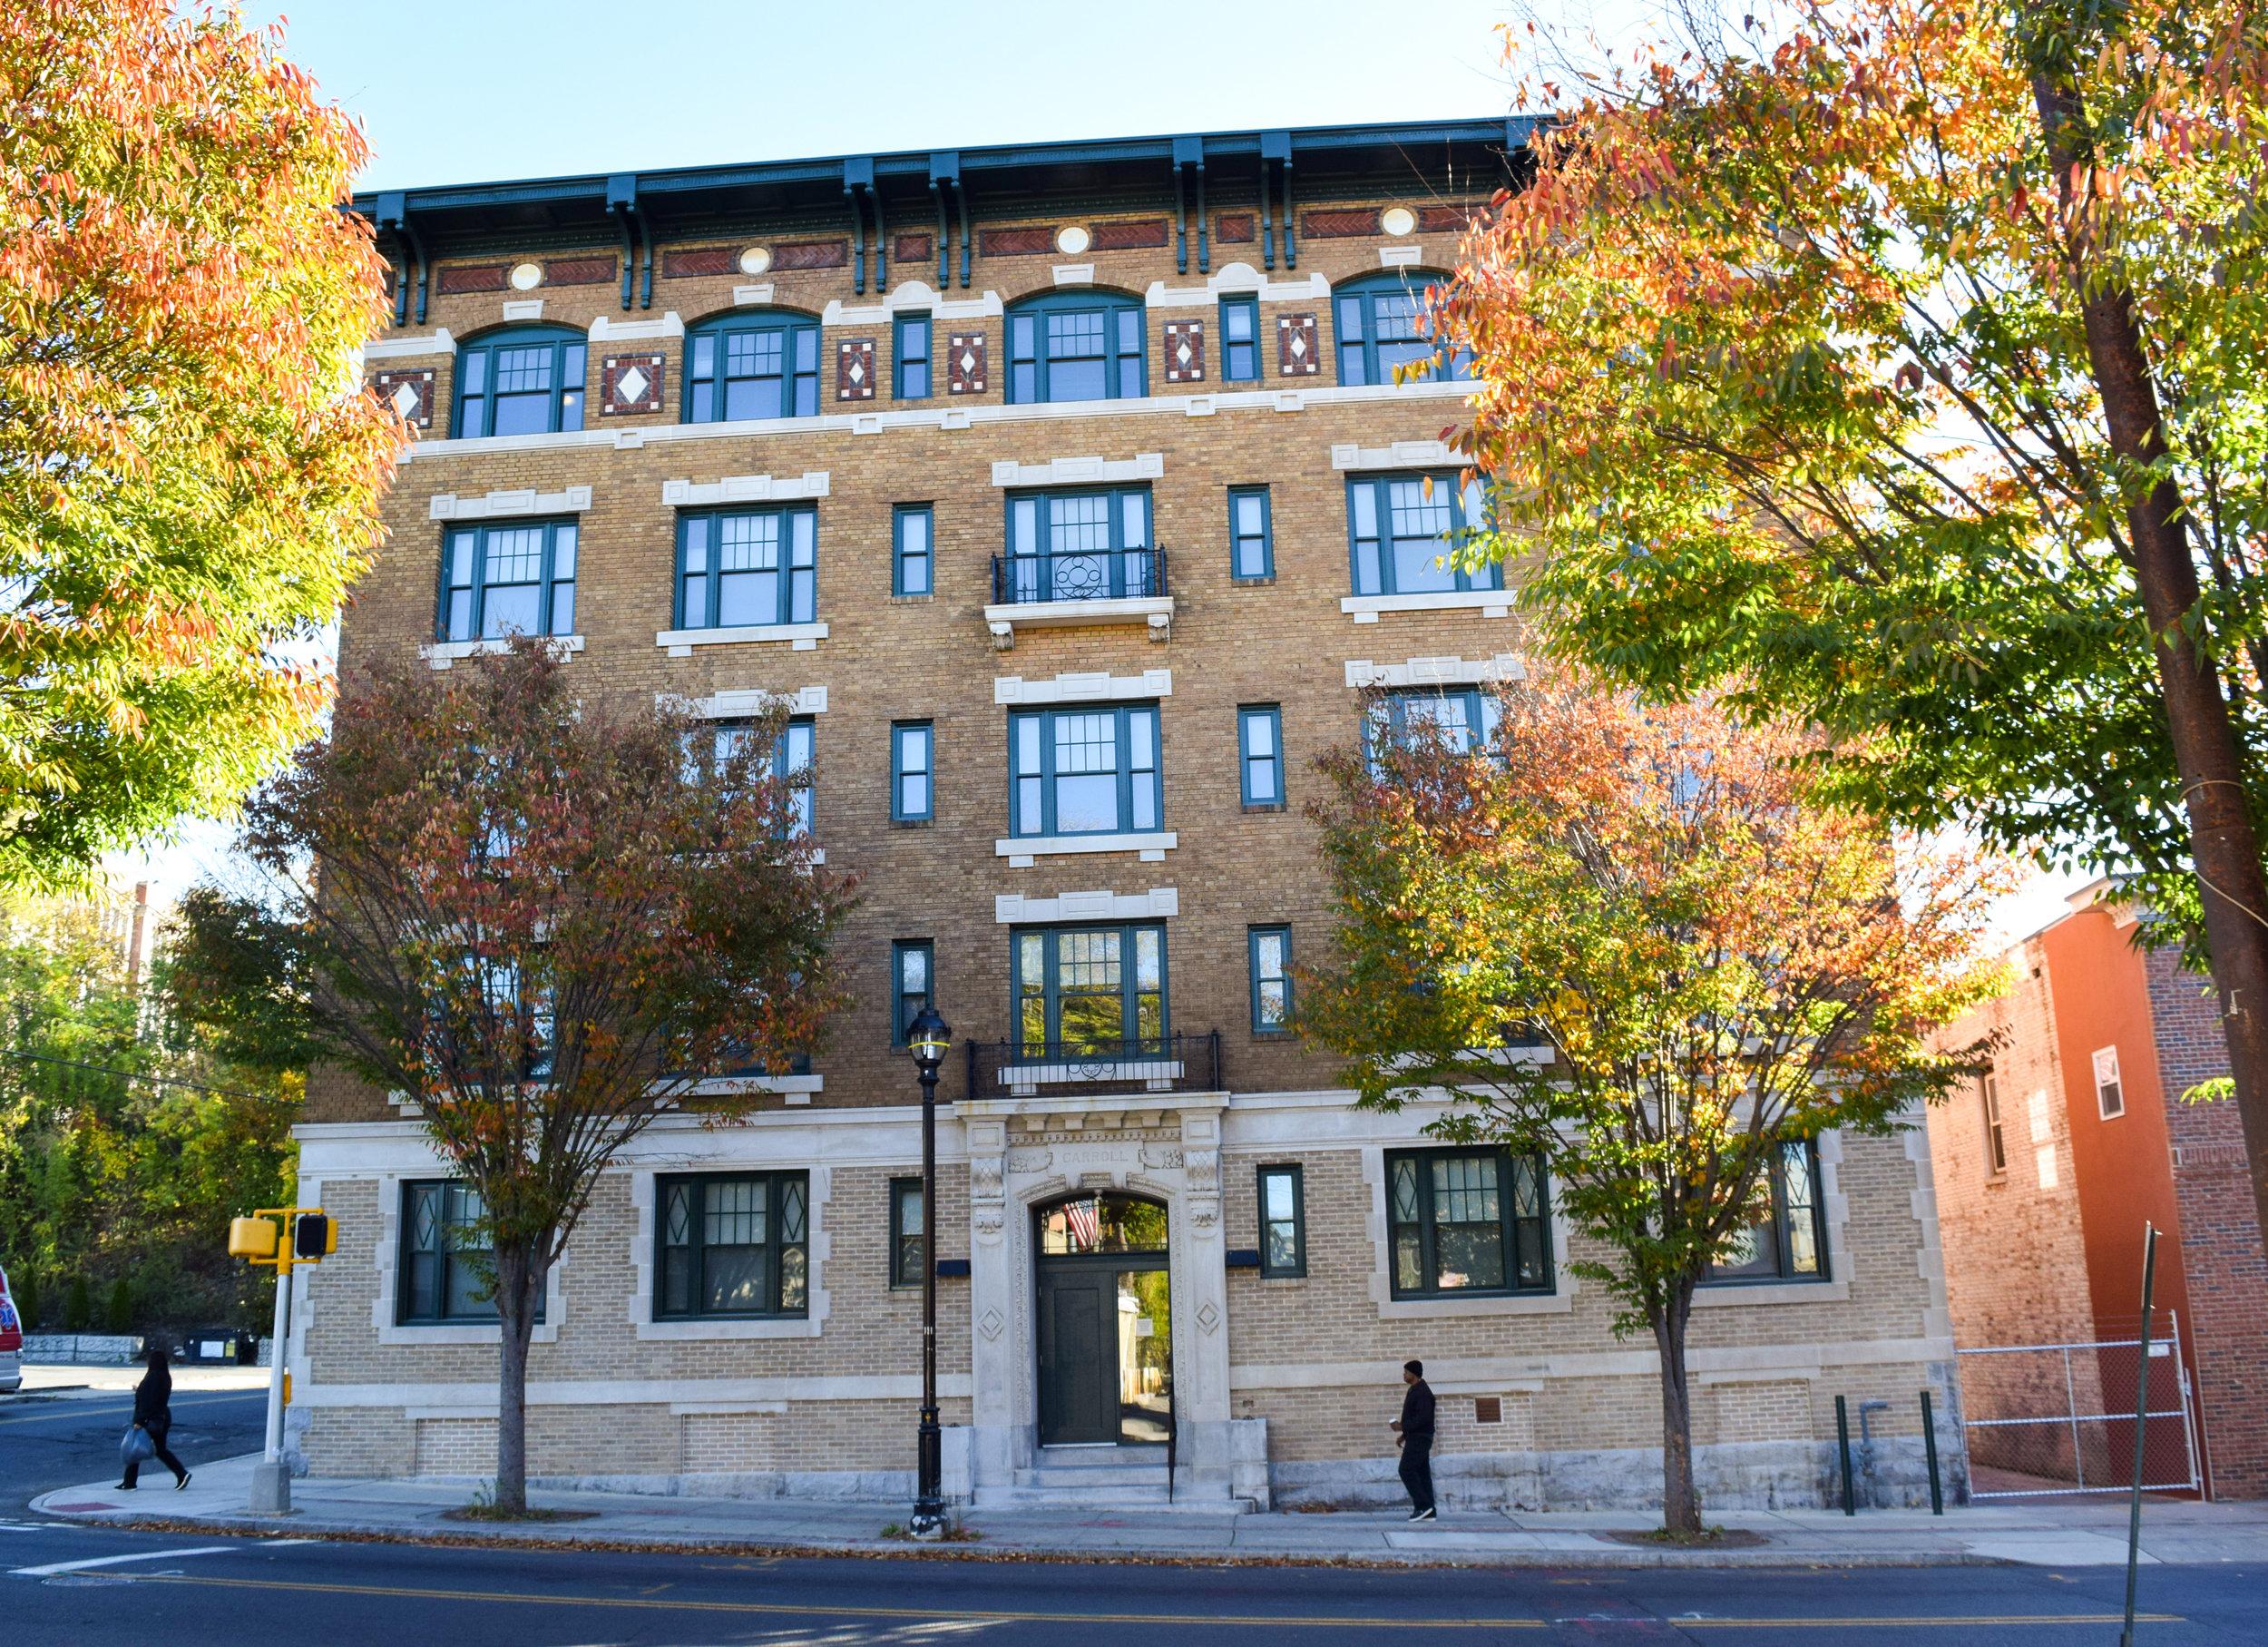 The Carroll Building - Waterbury, CTHousingClient: ElmingtonBuilt: 1910Project Costs: $10.6 millionHTC equity: Over $8.7 millioncOMPLETION dATE: 2016